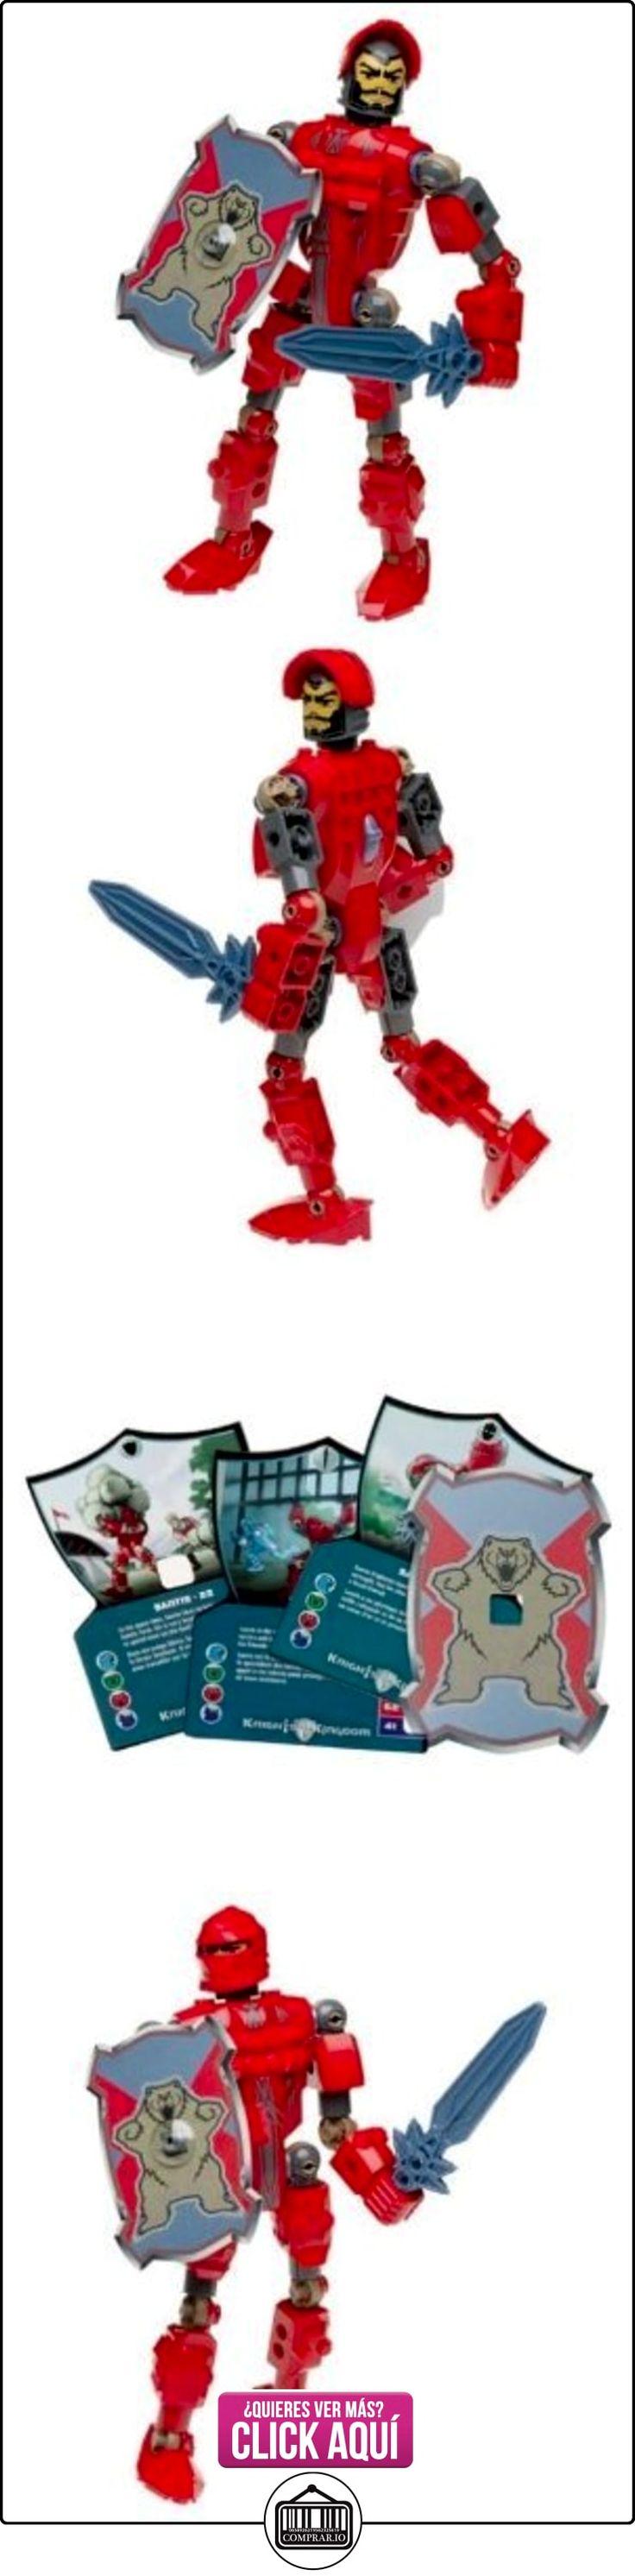 Lego LEGO Knight Kingdom Knights Kingdom Santis 8785 [parallel import goods] (japan import)  ✿ Lego - el surtido más amplio ✿ ▬► Ver oferta: http://comprar.io/goto/B00AQUWACU